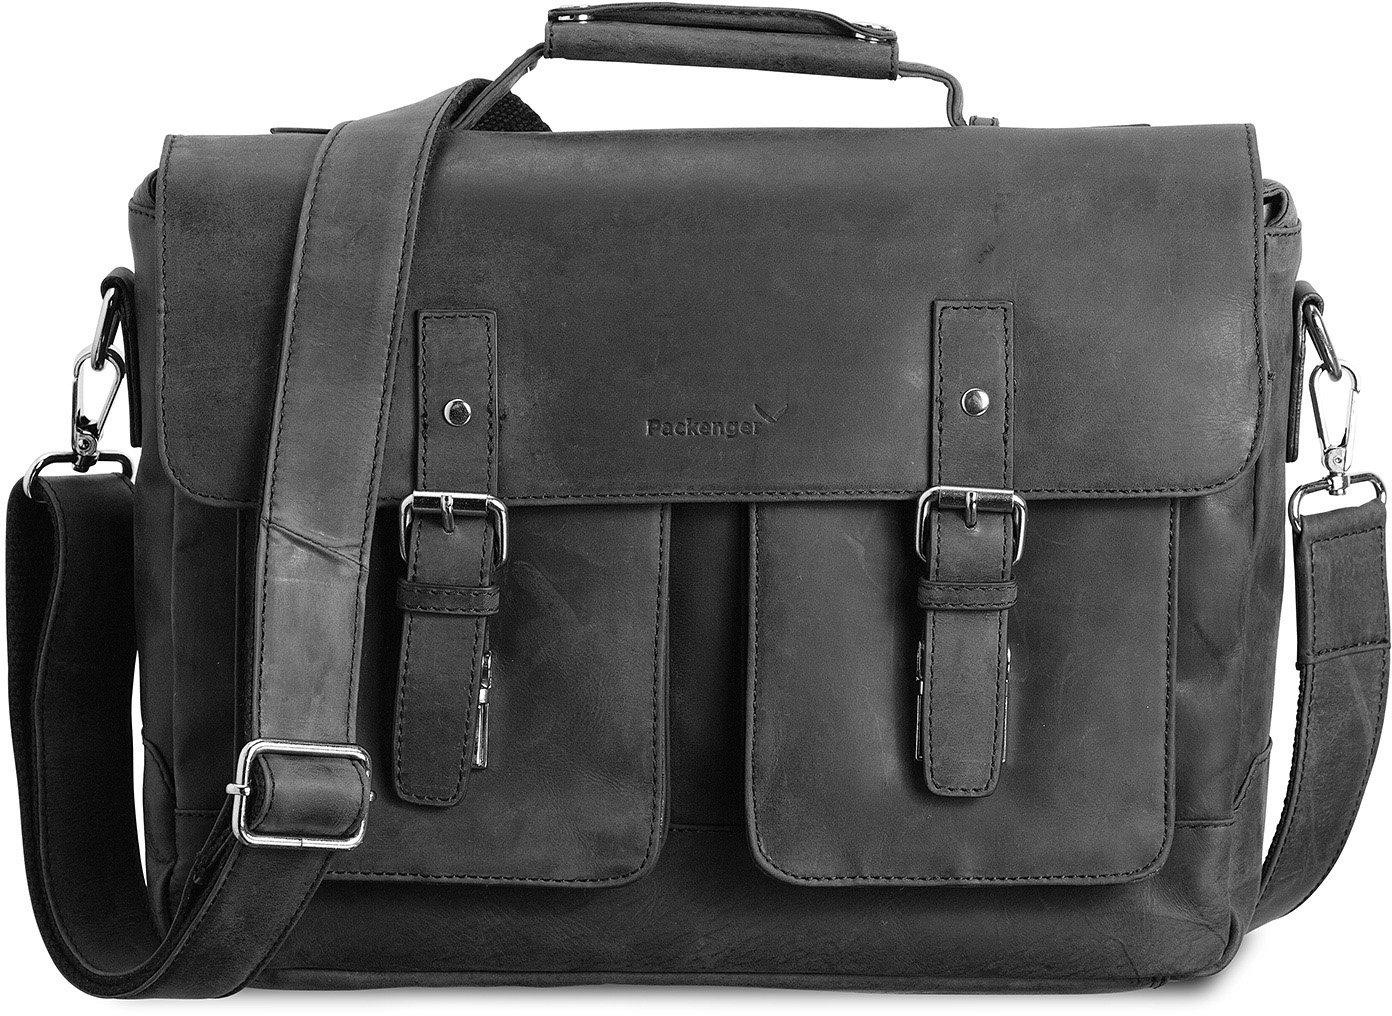 Packenger schoudertas met 15-inch-laptopvak, »Kolbjorn, zwart« nu online kopen bij OTTO